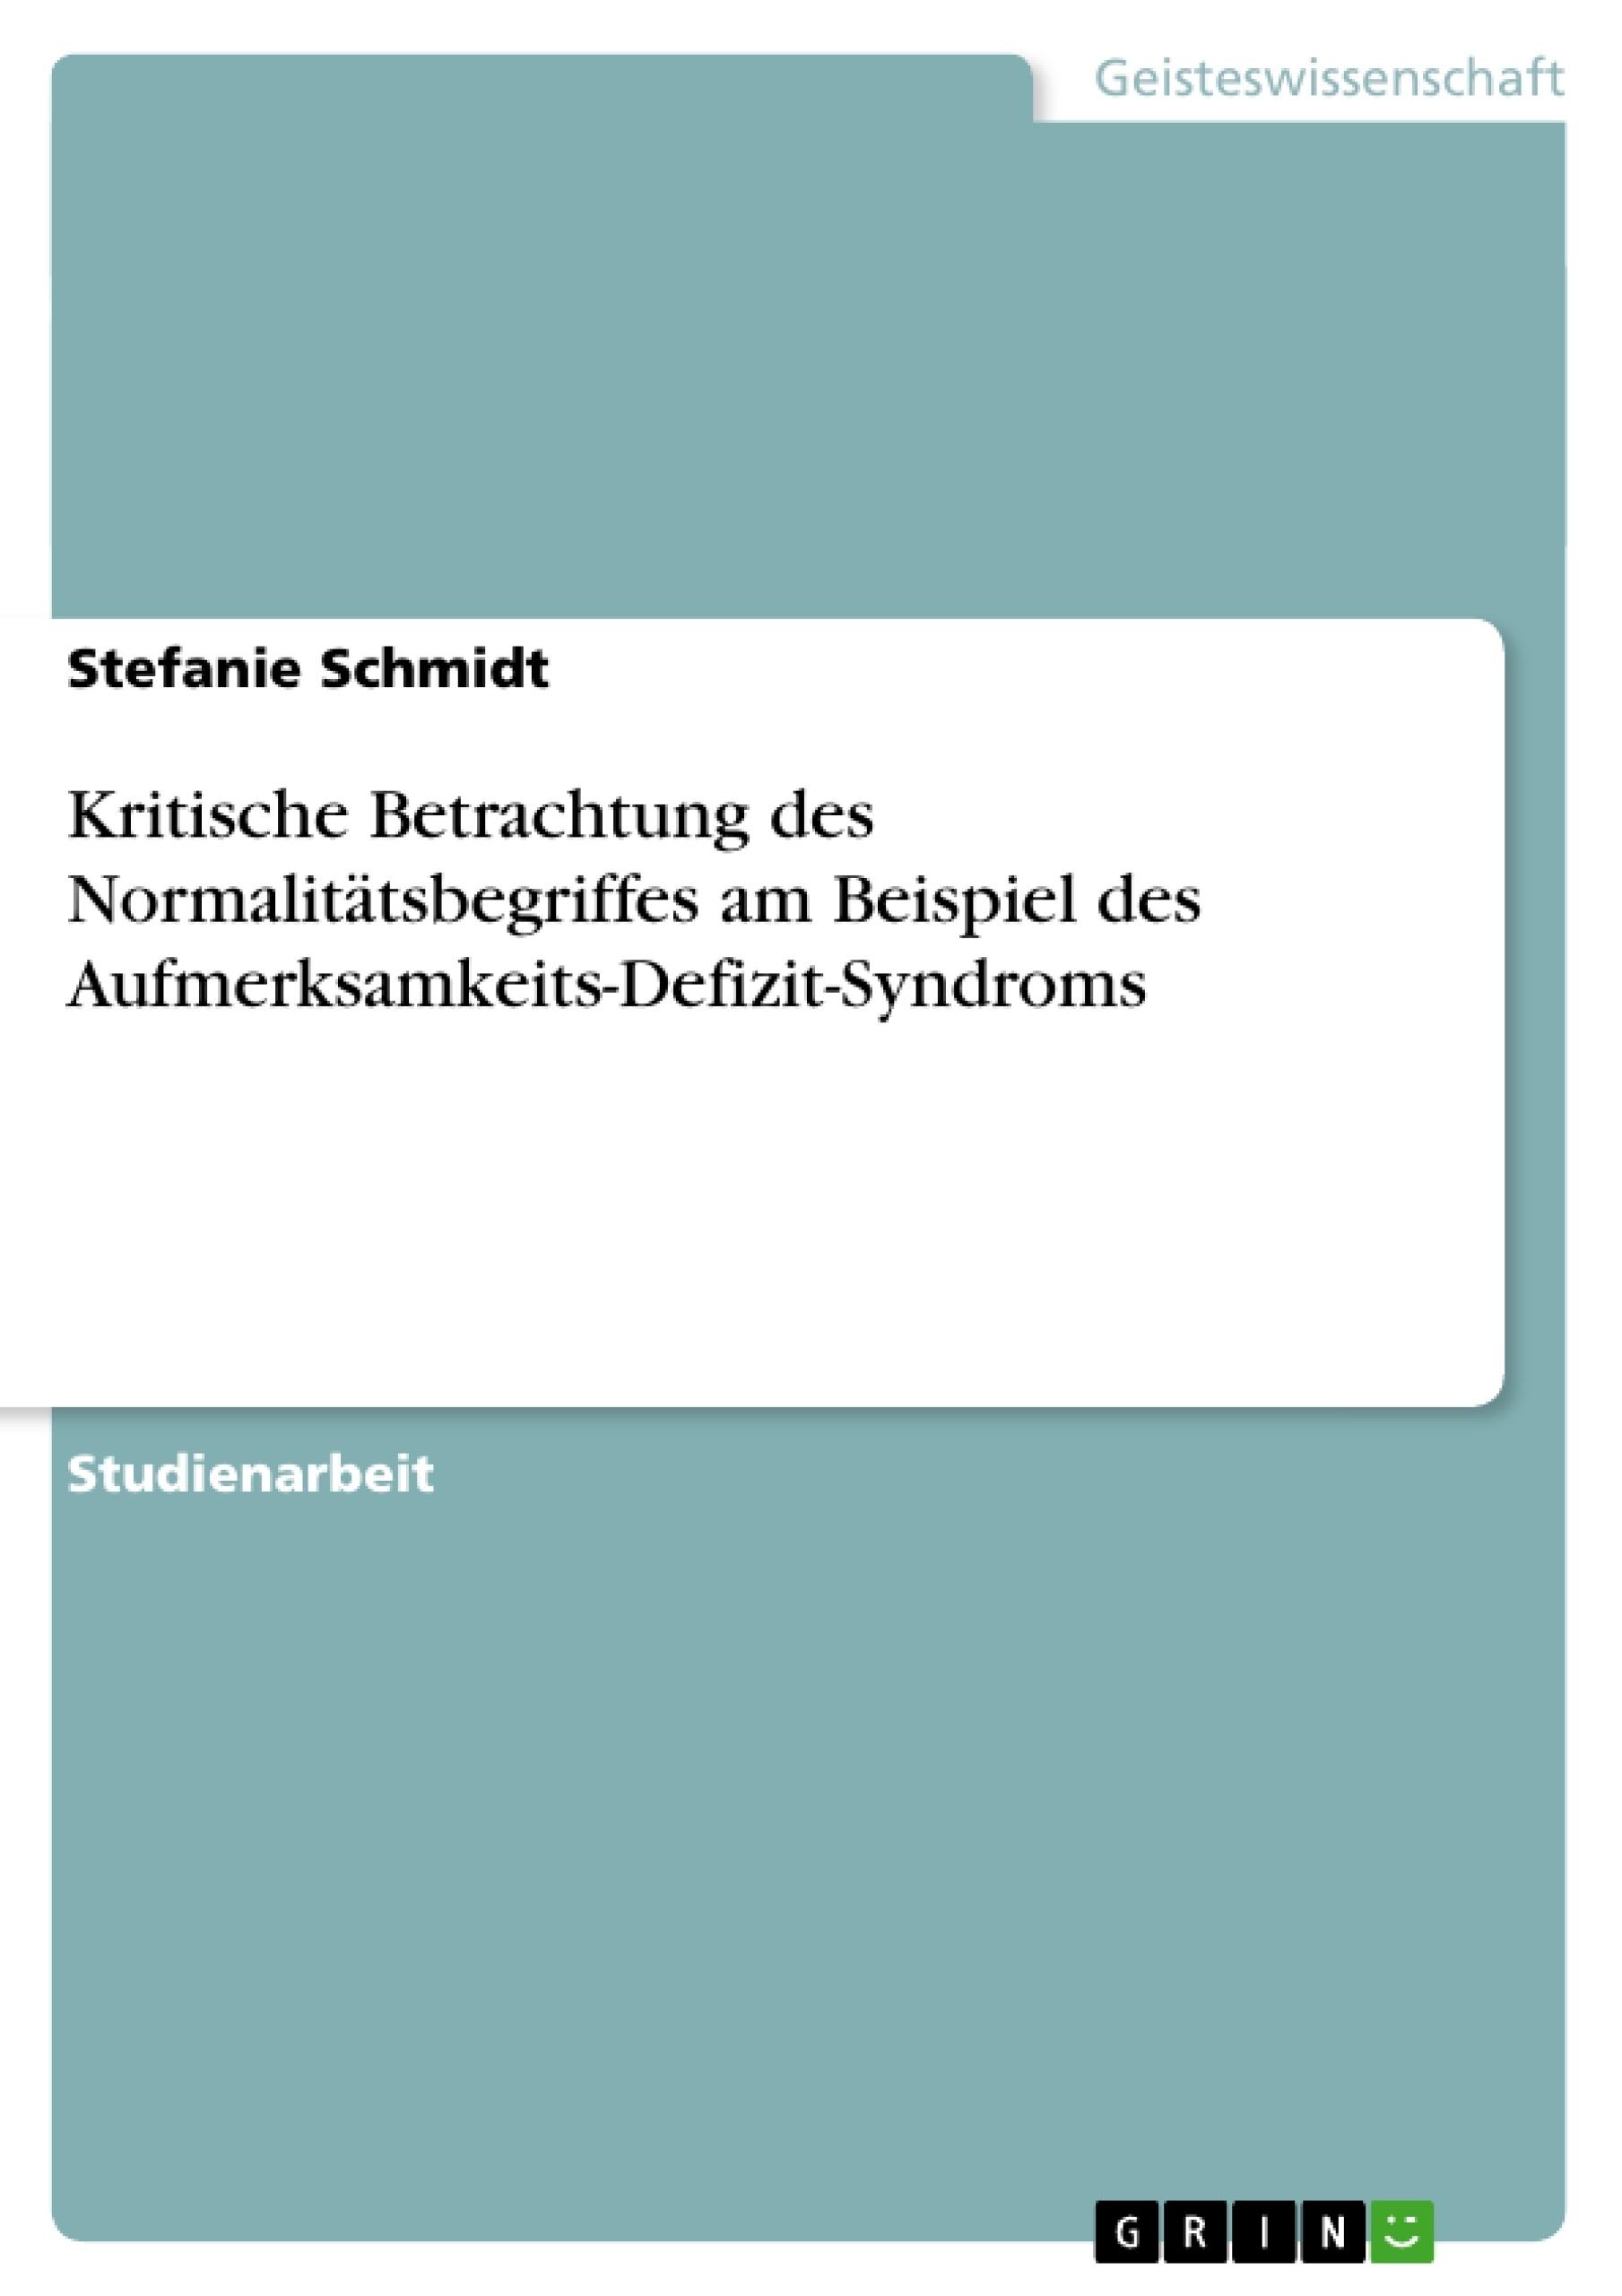 Titel: Kritische Betrachtung des Normalitätsbegriffes am Beispiel des Aufmerksamkeits-Defizit-Syndroms